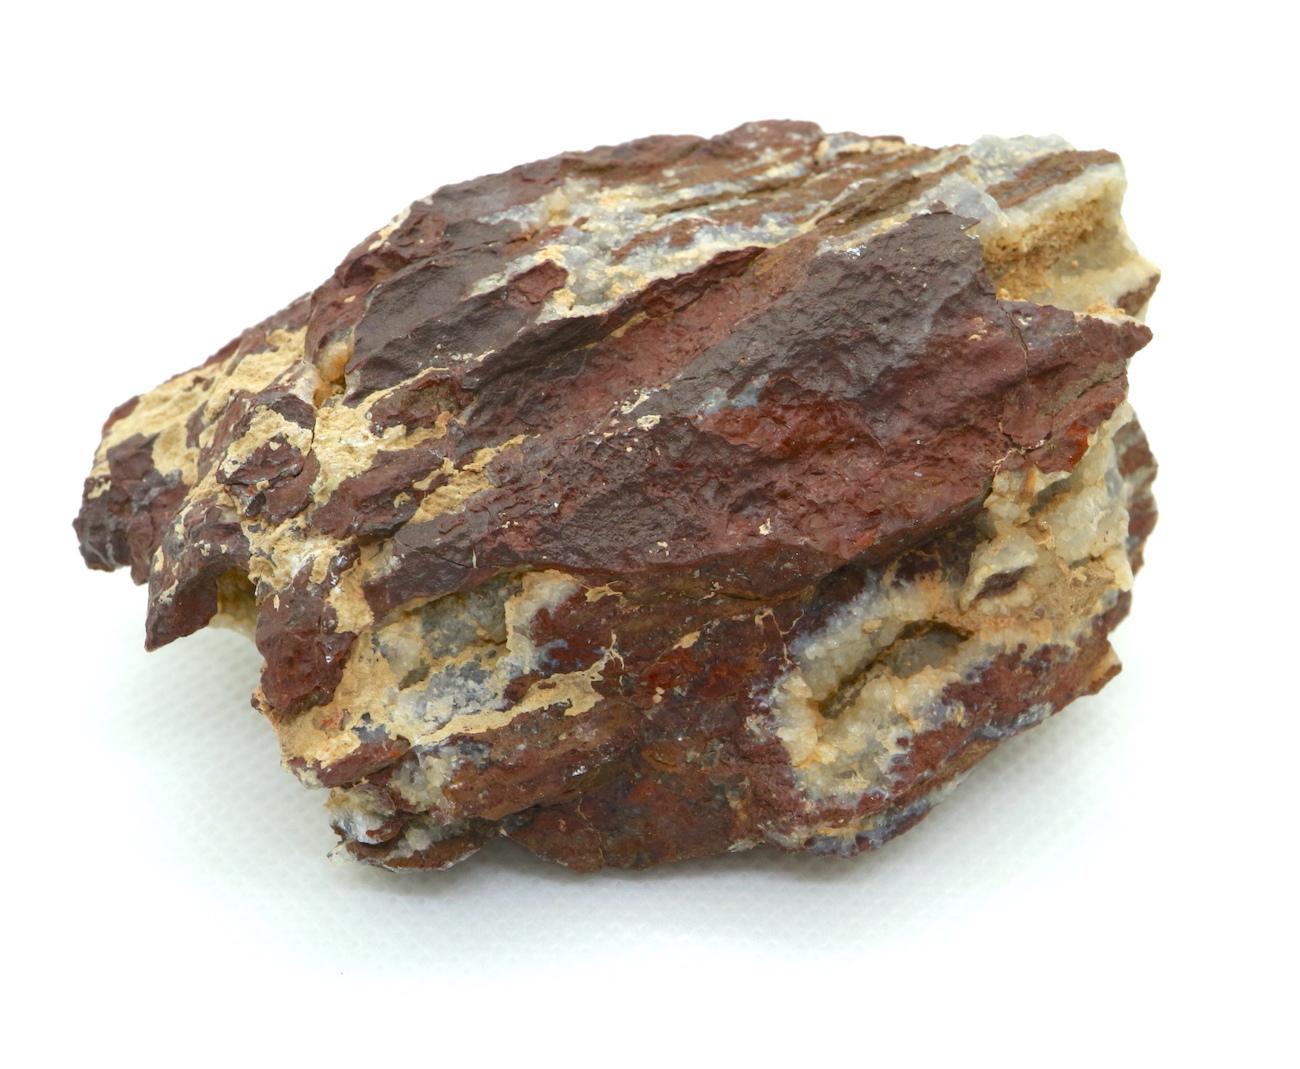 カリフォルニア産 シキャットアゲート  瑪瑙 原石 235,2g AG059 天然石 鉱物 パワーストーン